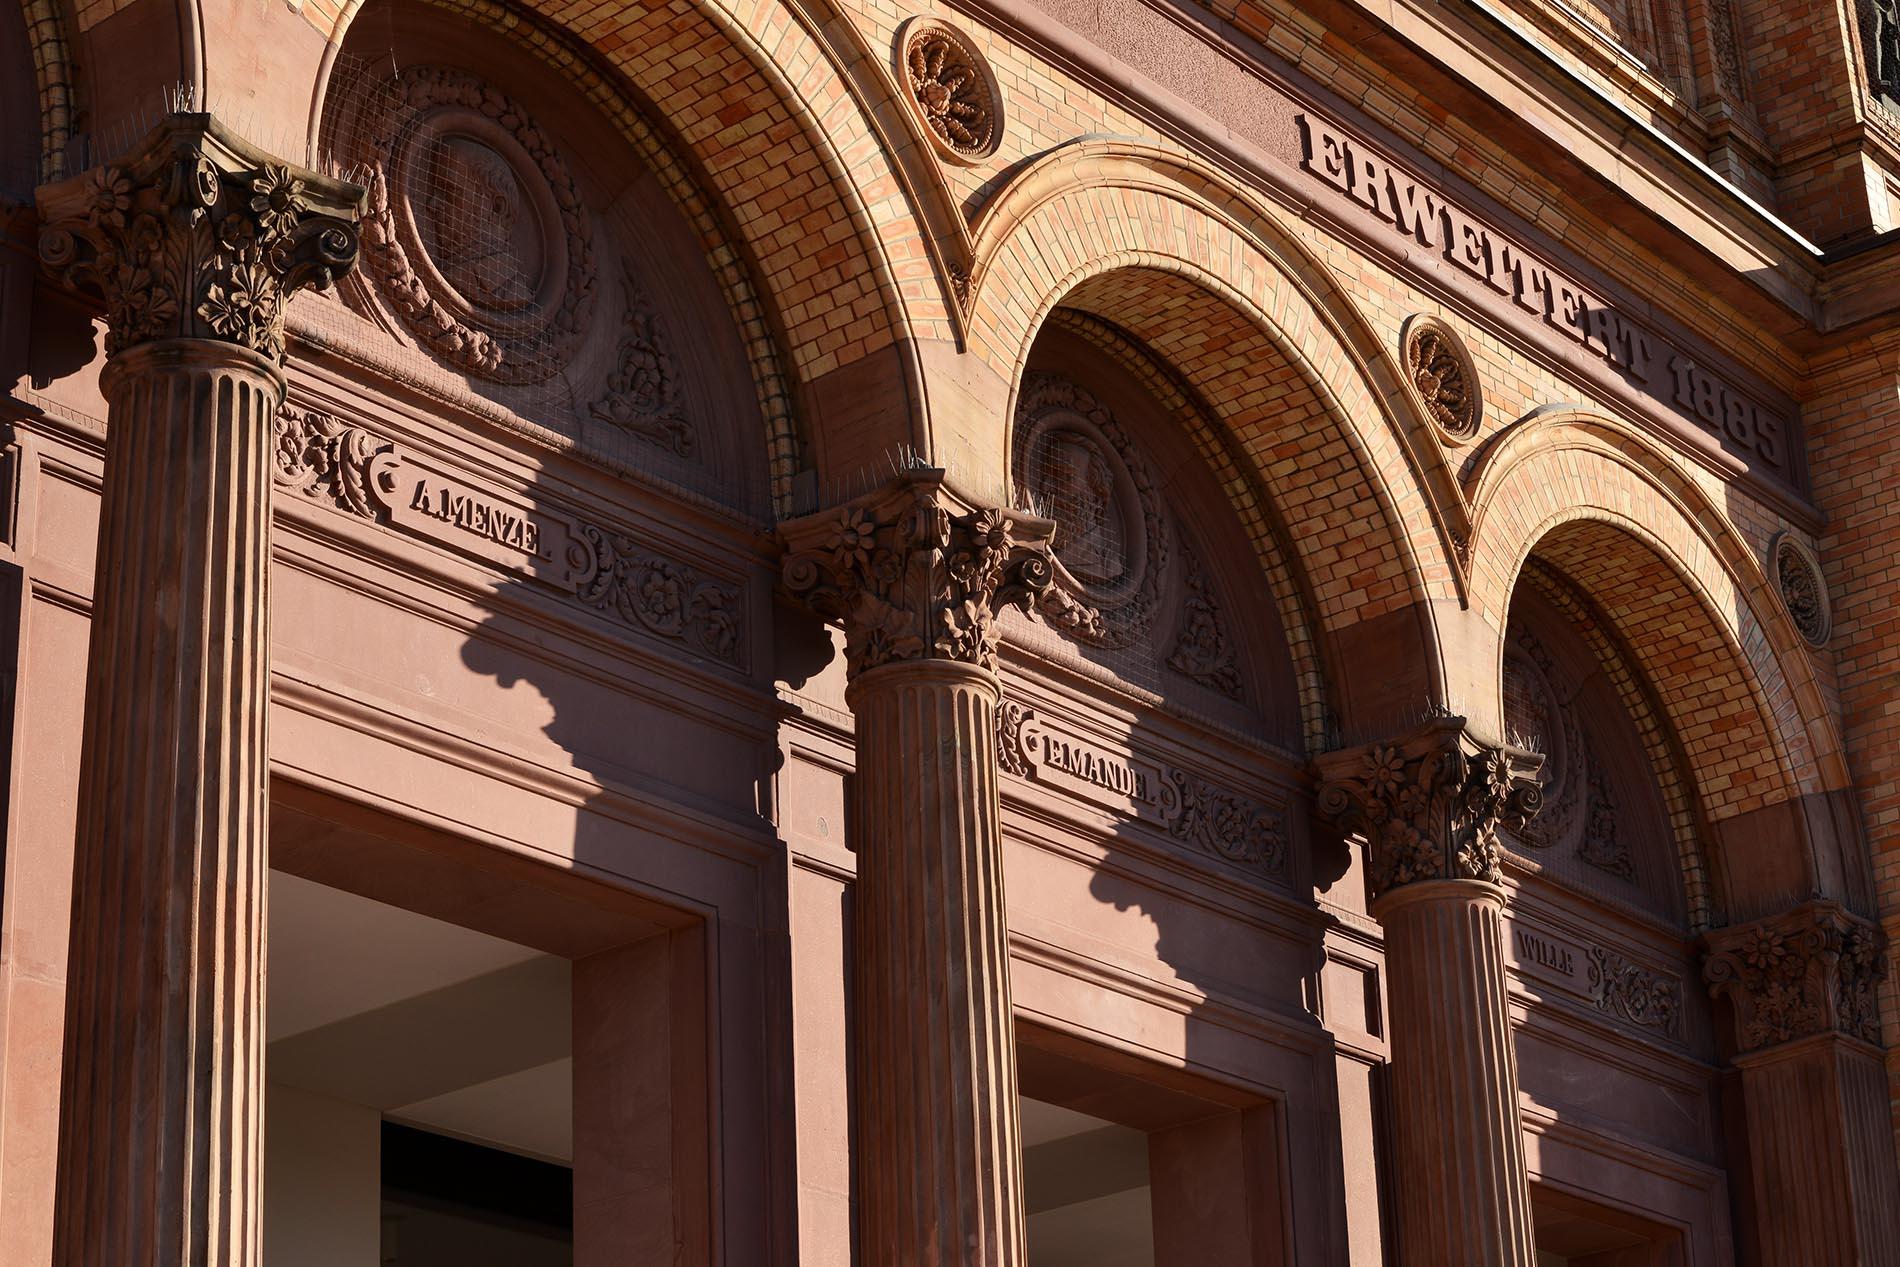 Kunsthalle Hamburg Gewände Sturz Säulen profiliert Mainsandstein